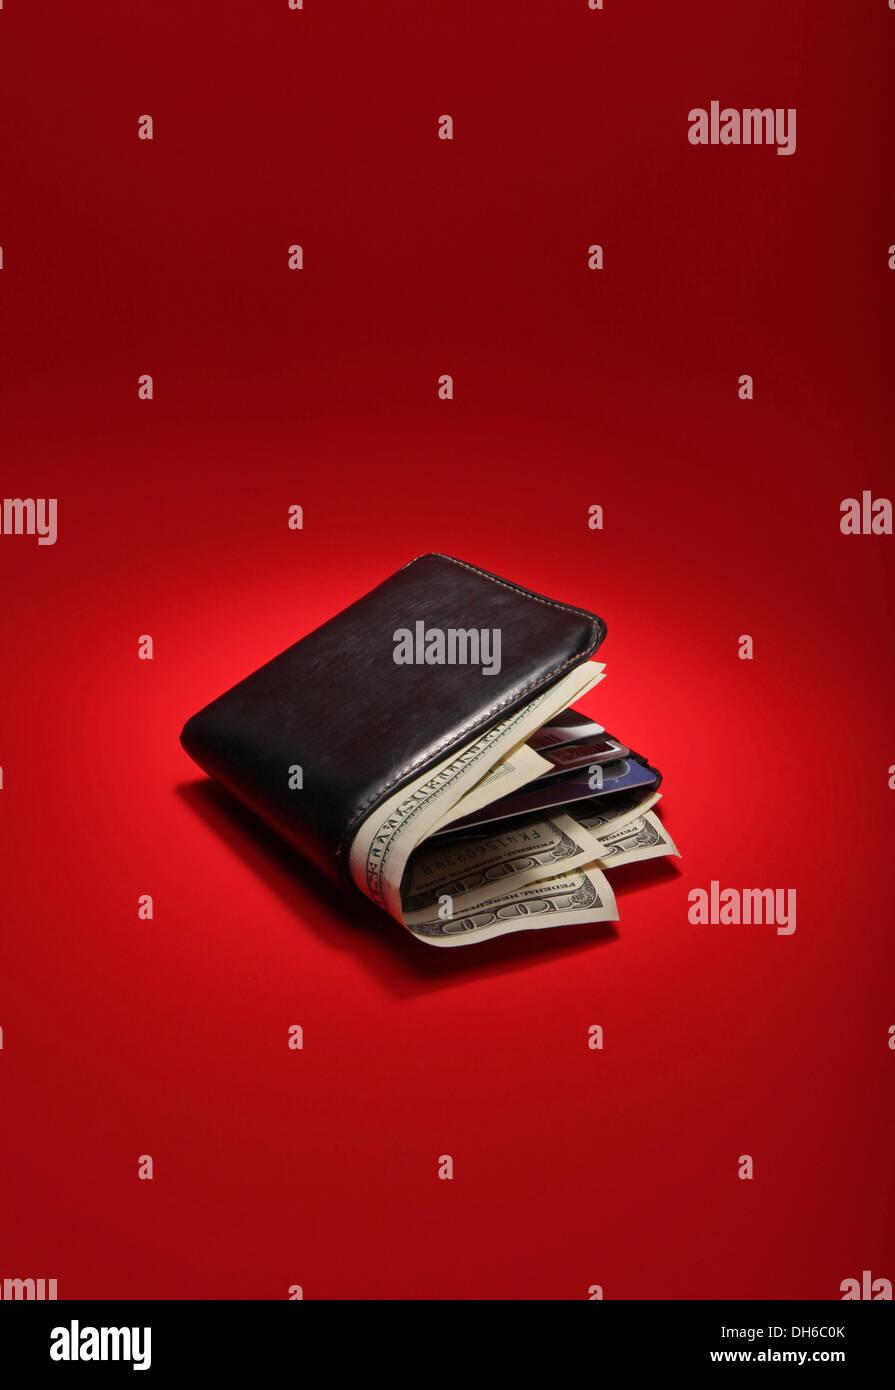 Eine schwarze Leder-Geldbörse mit uns Währung auf einem leuchtend roten Hintergrund gefüllt Stockbild